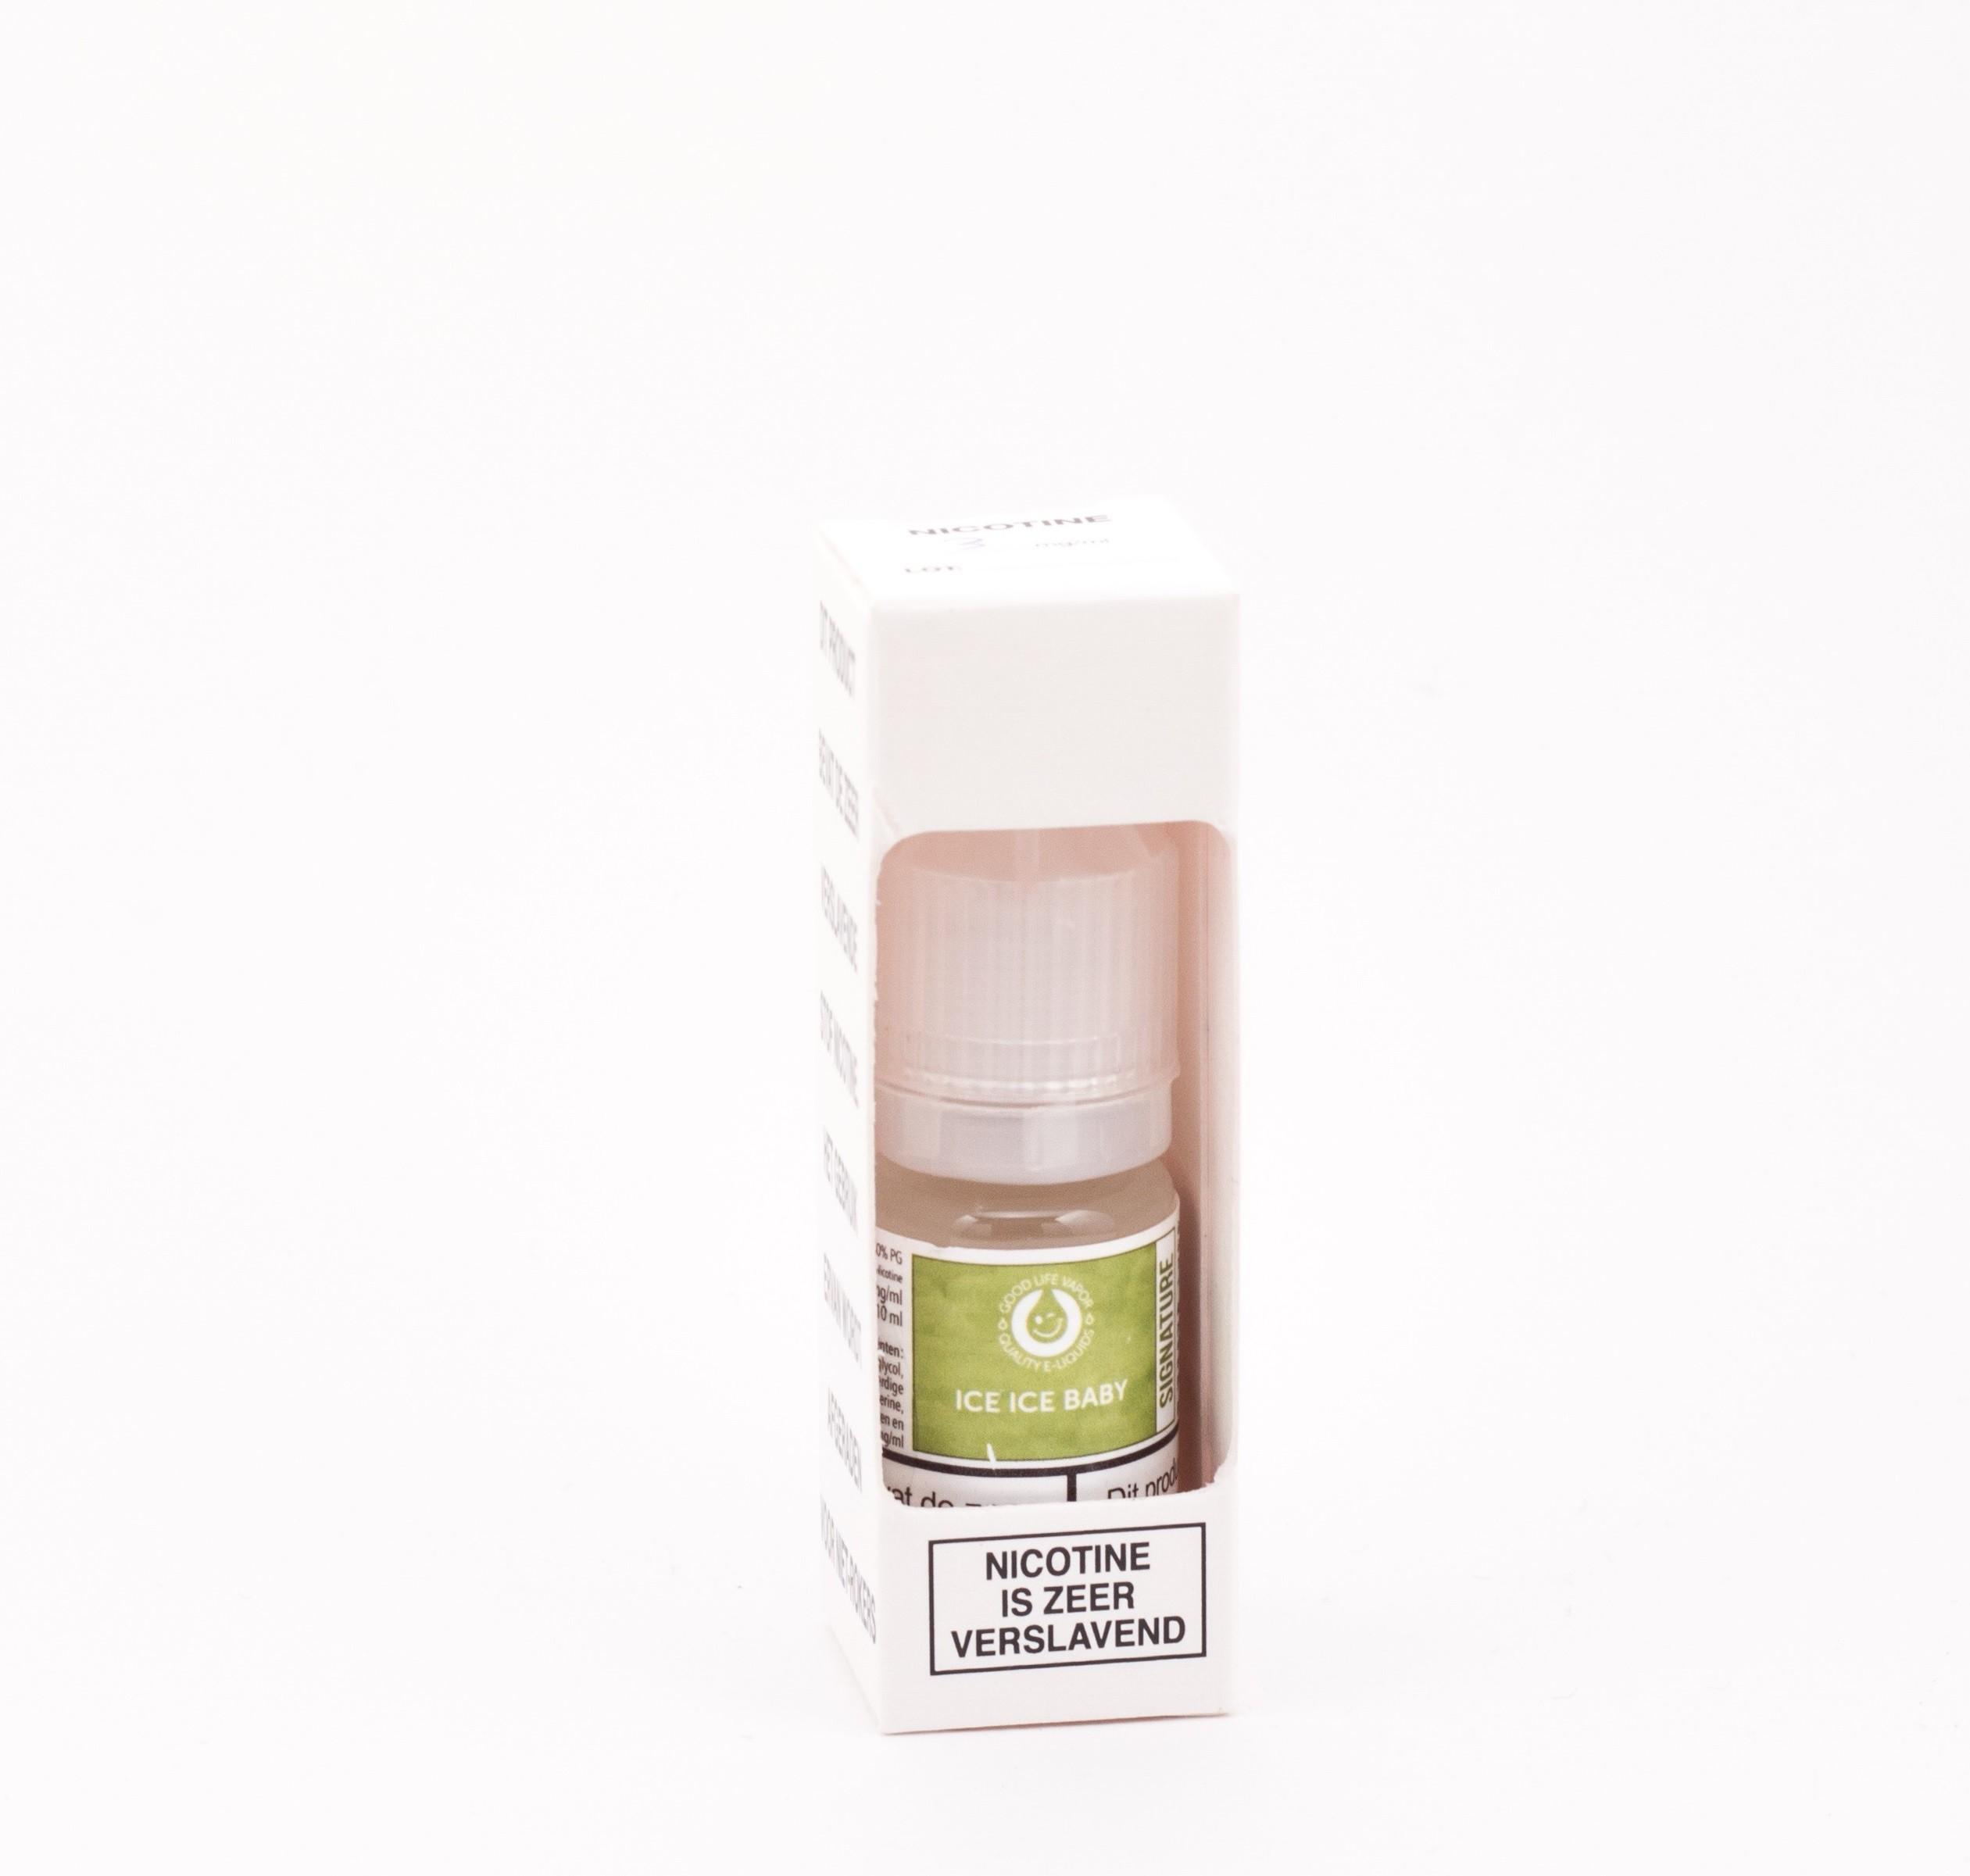 De Ice Ice Baby E-liquid van Good Life Vapor is een zoete menthol e-liquid. Deze e-liquid heeft PG/VG verhouding van 50%PG/50%VG, wordt geproduceerd de Verenigde Staten en wordt verkocht in flesjes van 10ml.